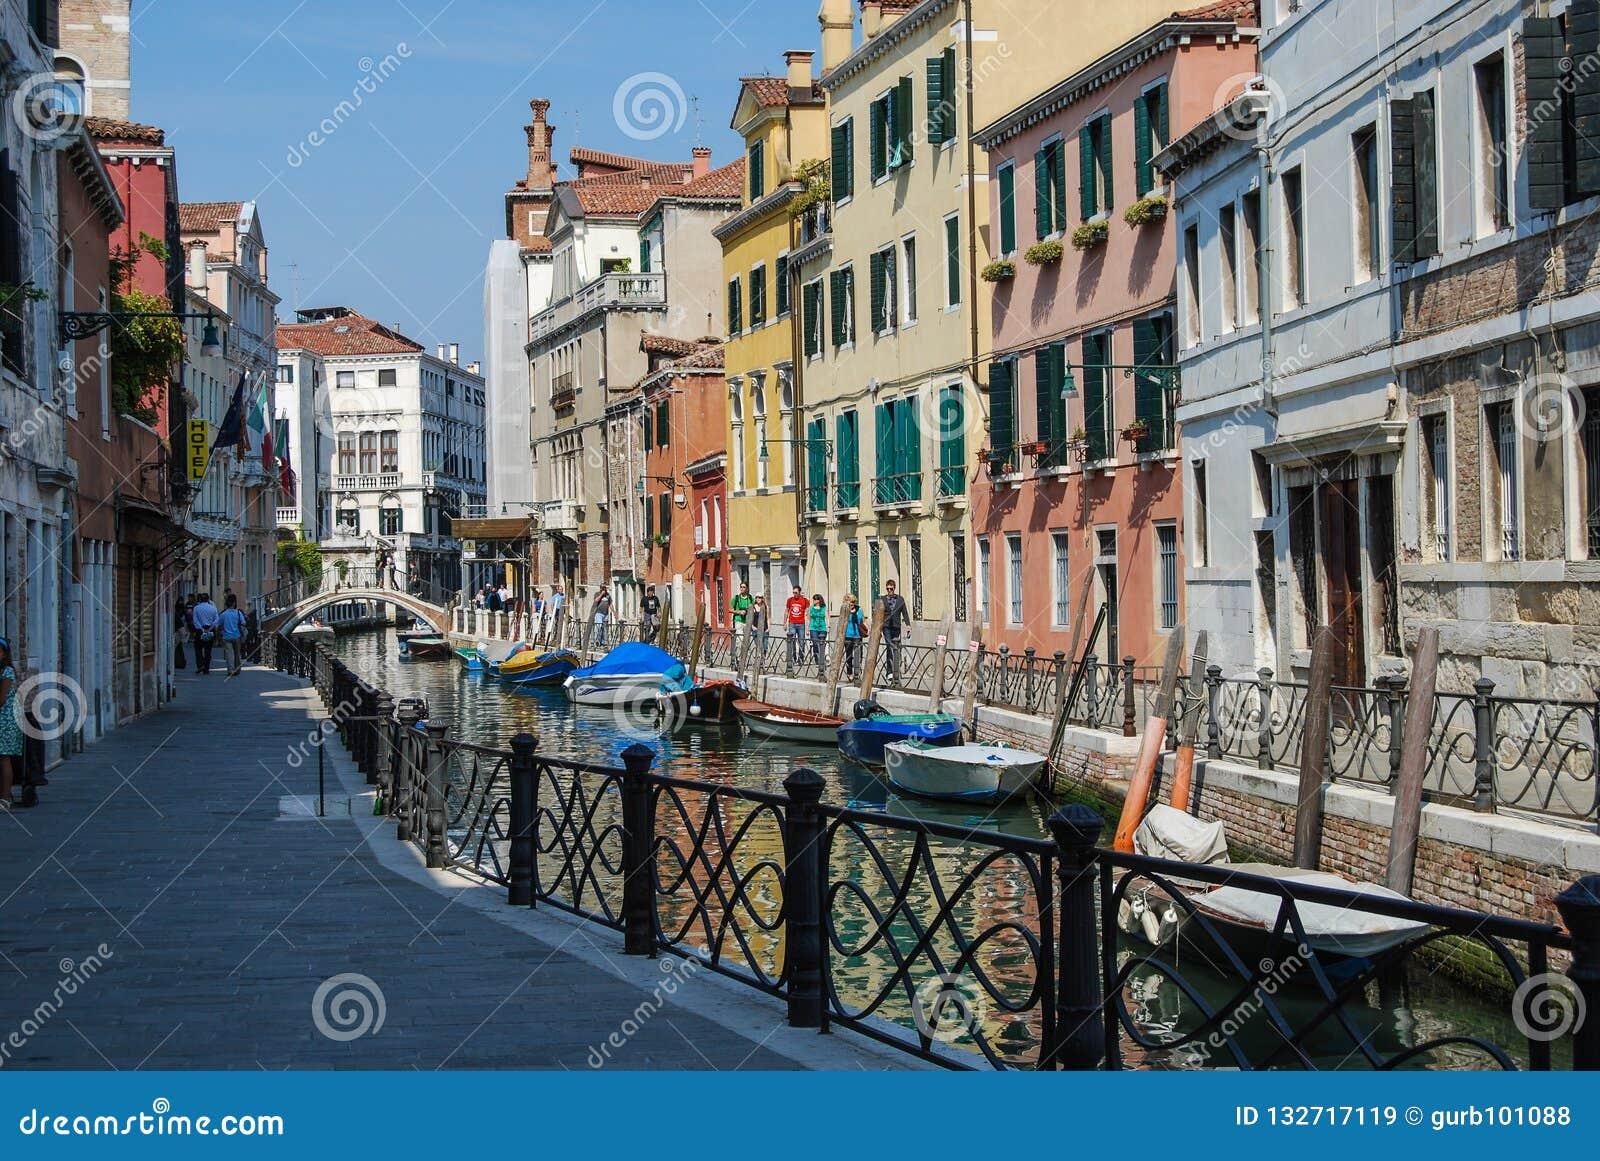 Maisons antiques, une rue de canal à Venise, Italie